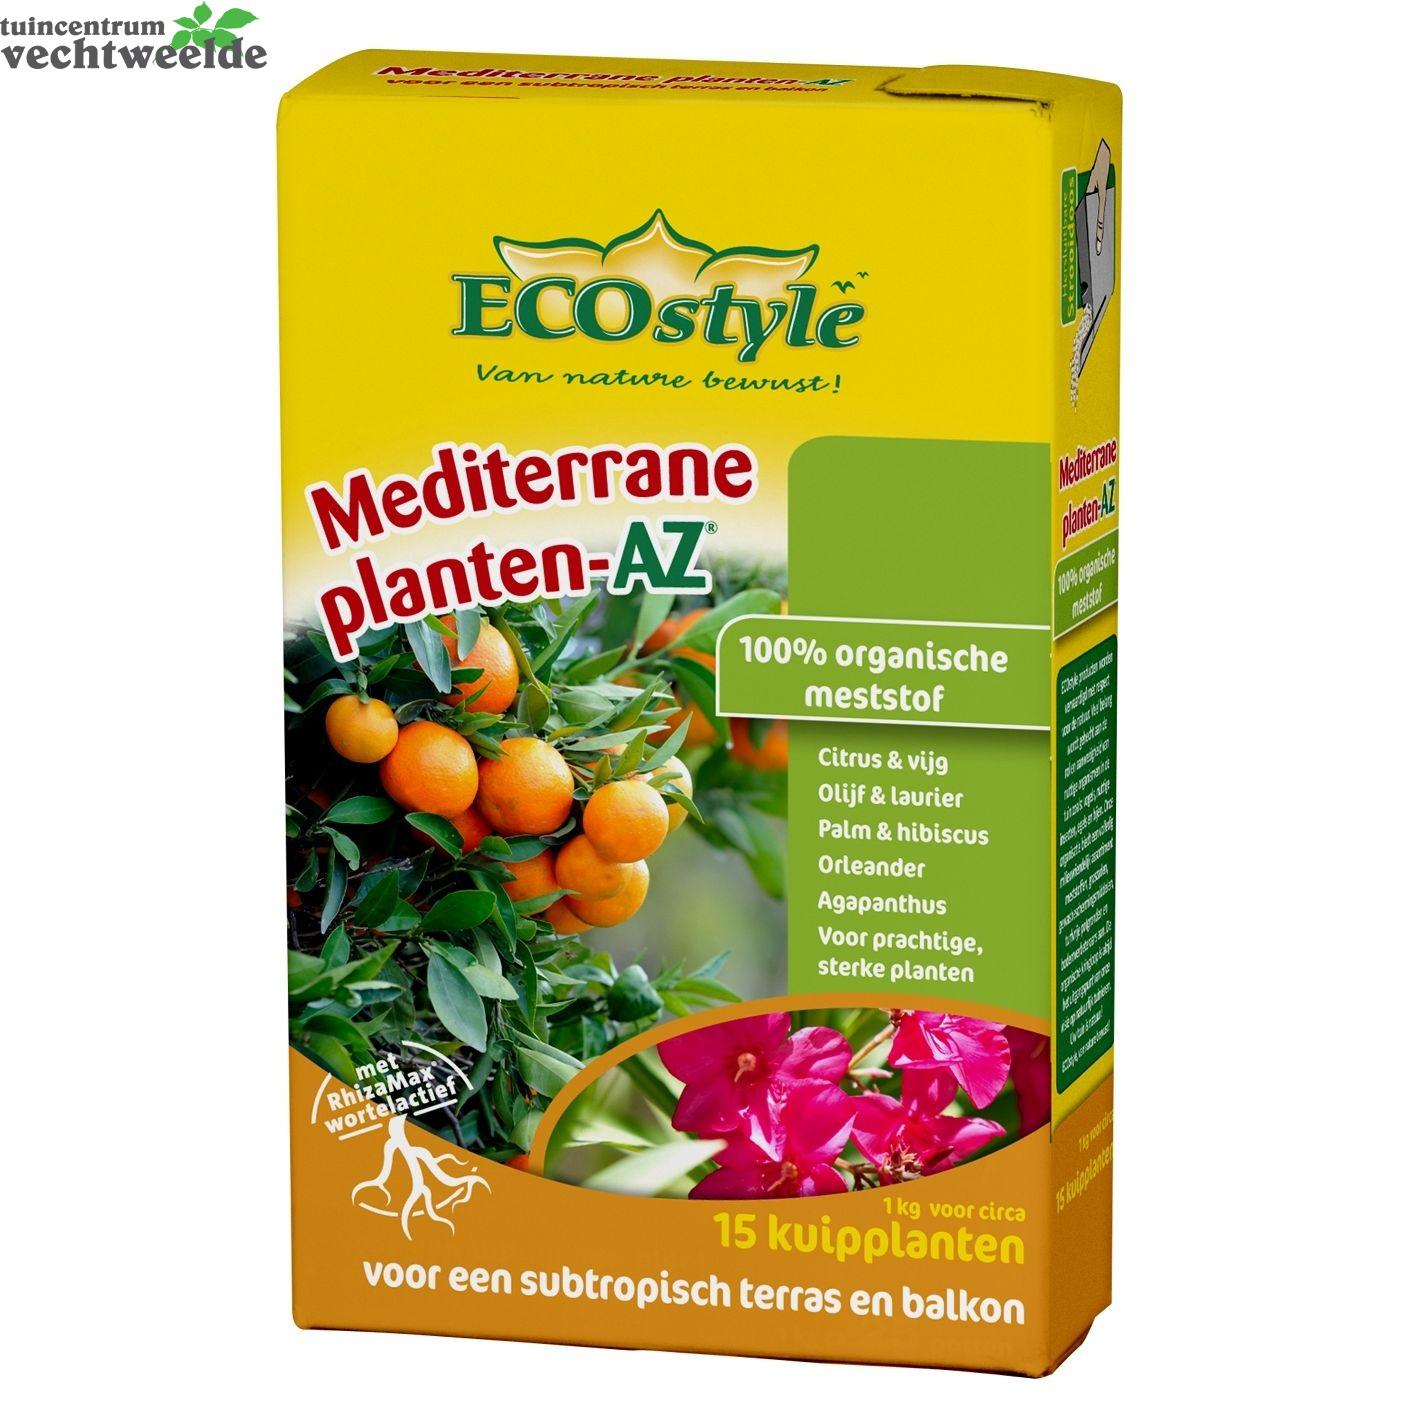 Ecostyle mediterrane planten az 1 kg meststof buitenplanten organisch tuincentrum vechtweelde - Zoals mediterrane ...